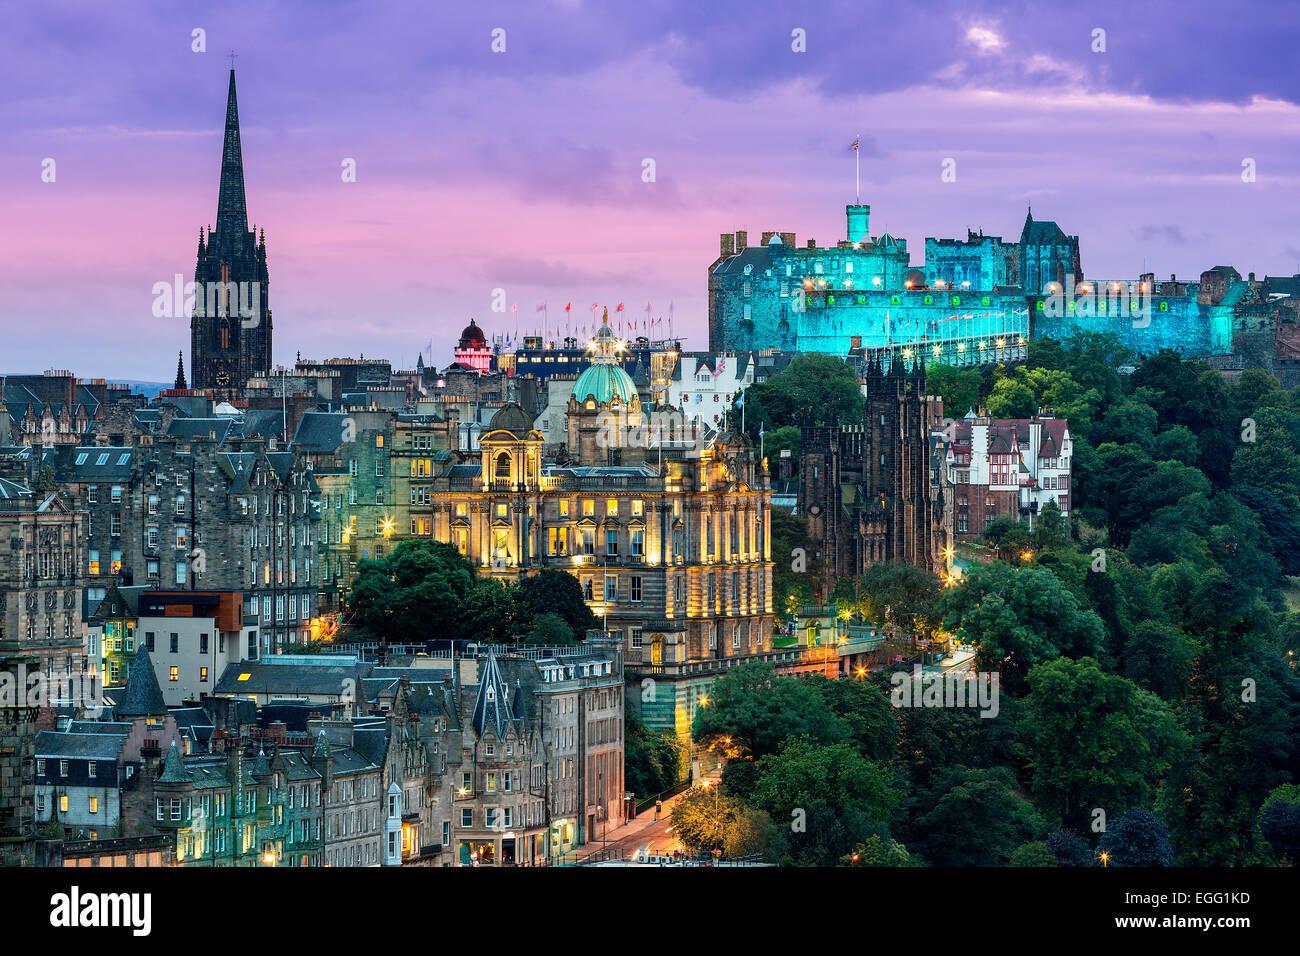 El horizonte de Edimburgo, con el castillo de Edimburgo en el fondo. Fotografiado desde Calton Hill justo después Imagen De Stock